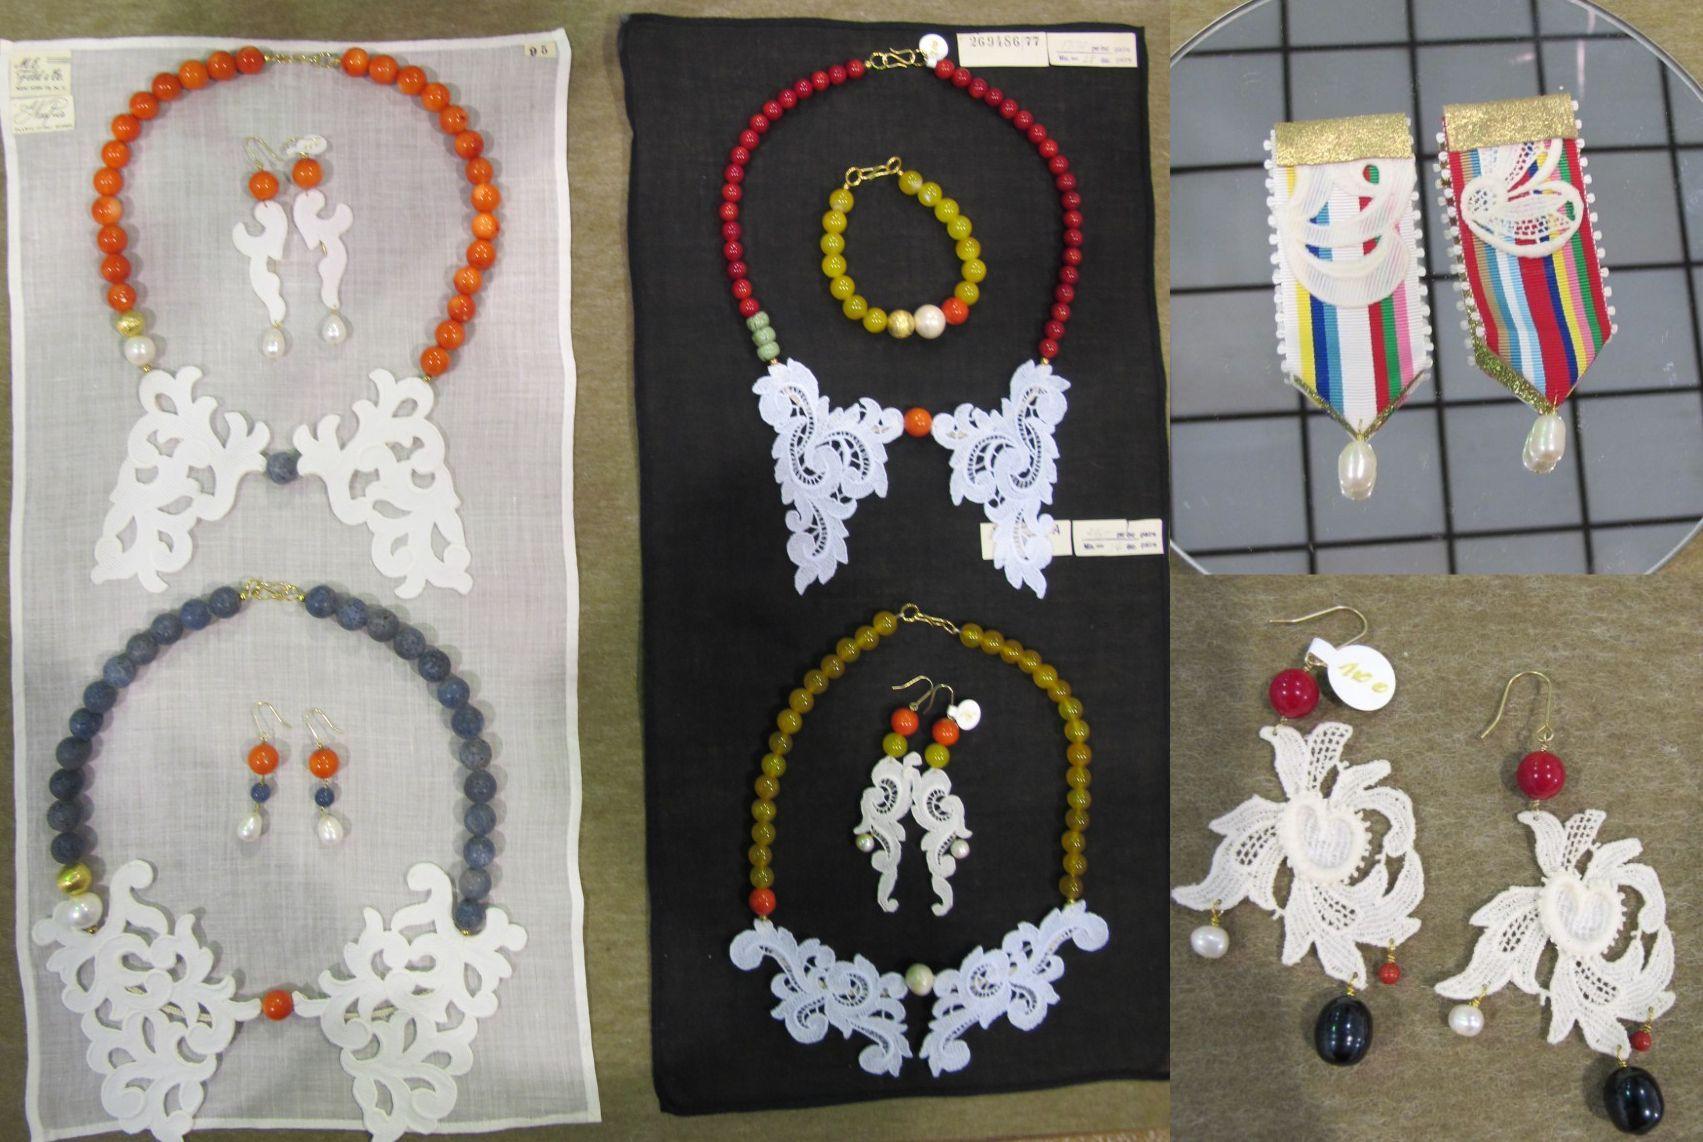 Coliere, cercei si brose, toate realizate manual, cu preturi incepand de la 100 lei le gasesti pe site-ul artistei Nadire Omer, adica ladymagpie.com